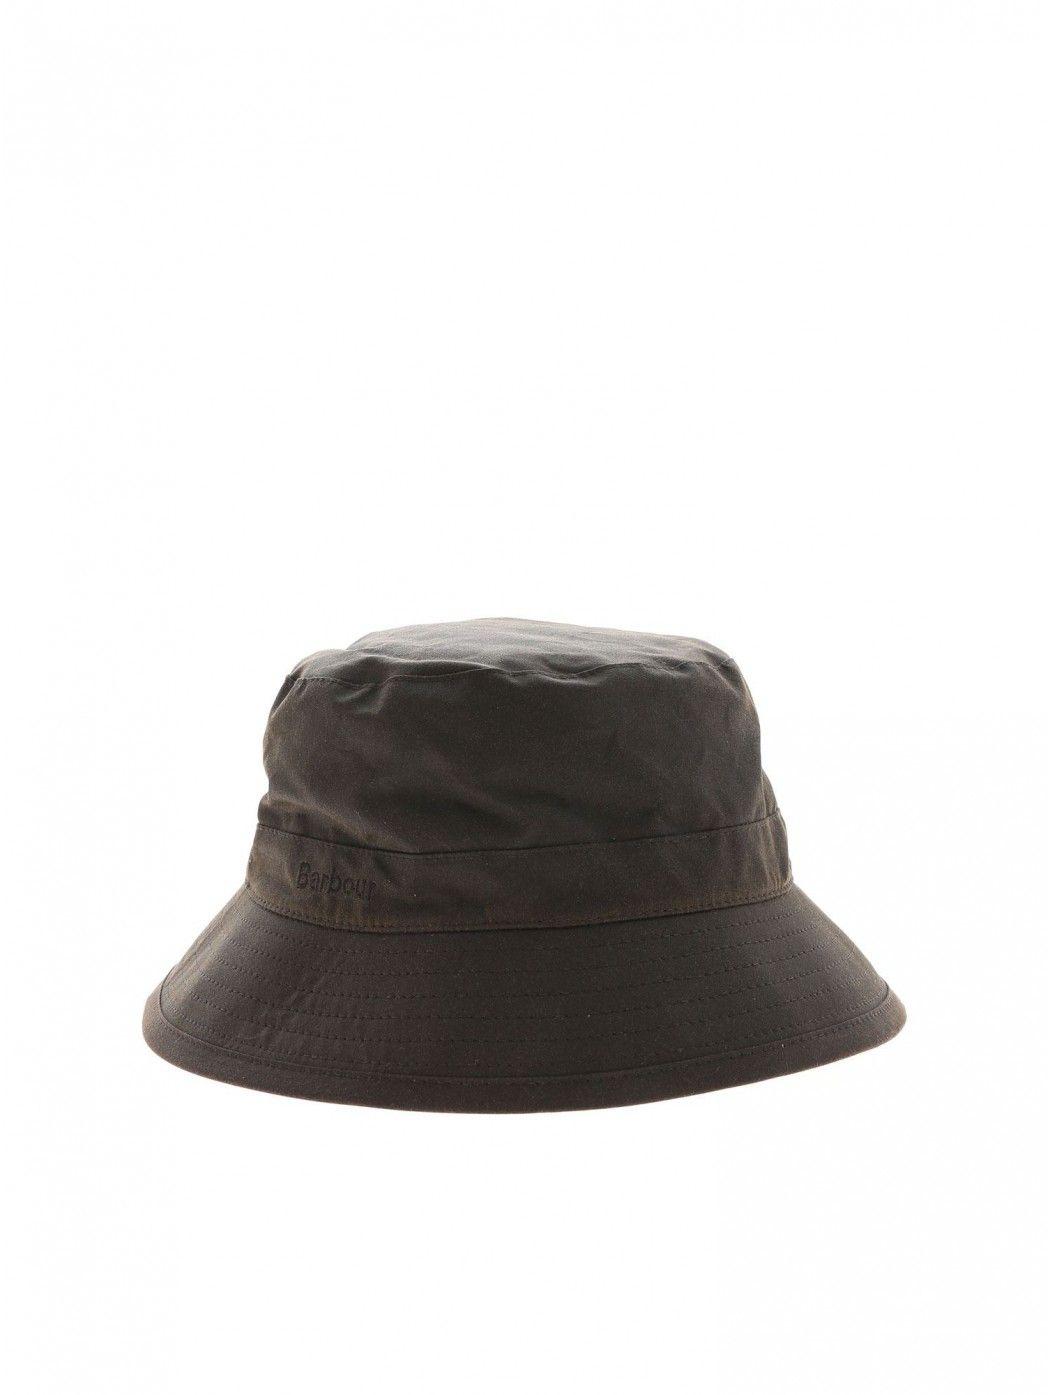 WAX SPORT CAP BARBOUR MHA0001 OL71